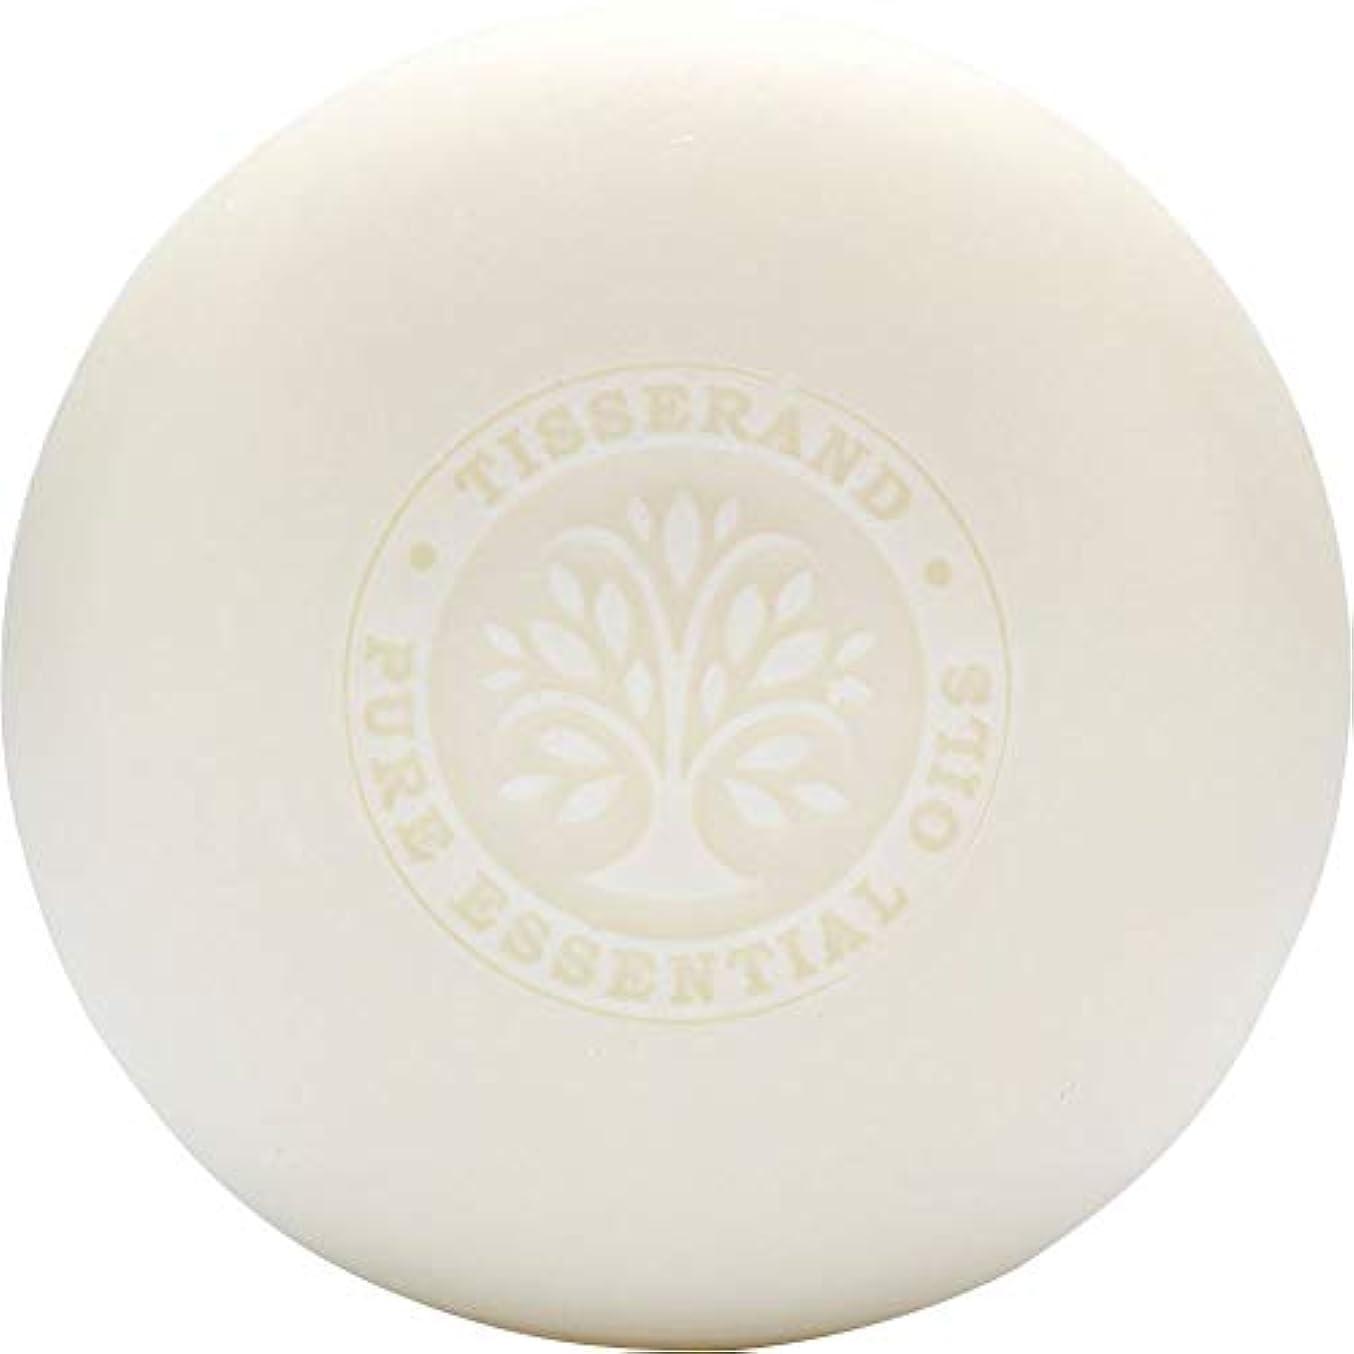 傷つきやすい病気ポケット[Tisserand] ティスランドローズ&ゼラニウムの葉石鹸100グラム - Tisserand Rose & Geranium Leaf Soap 100g [並行輸入品]